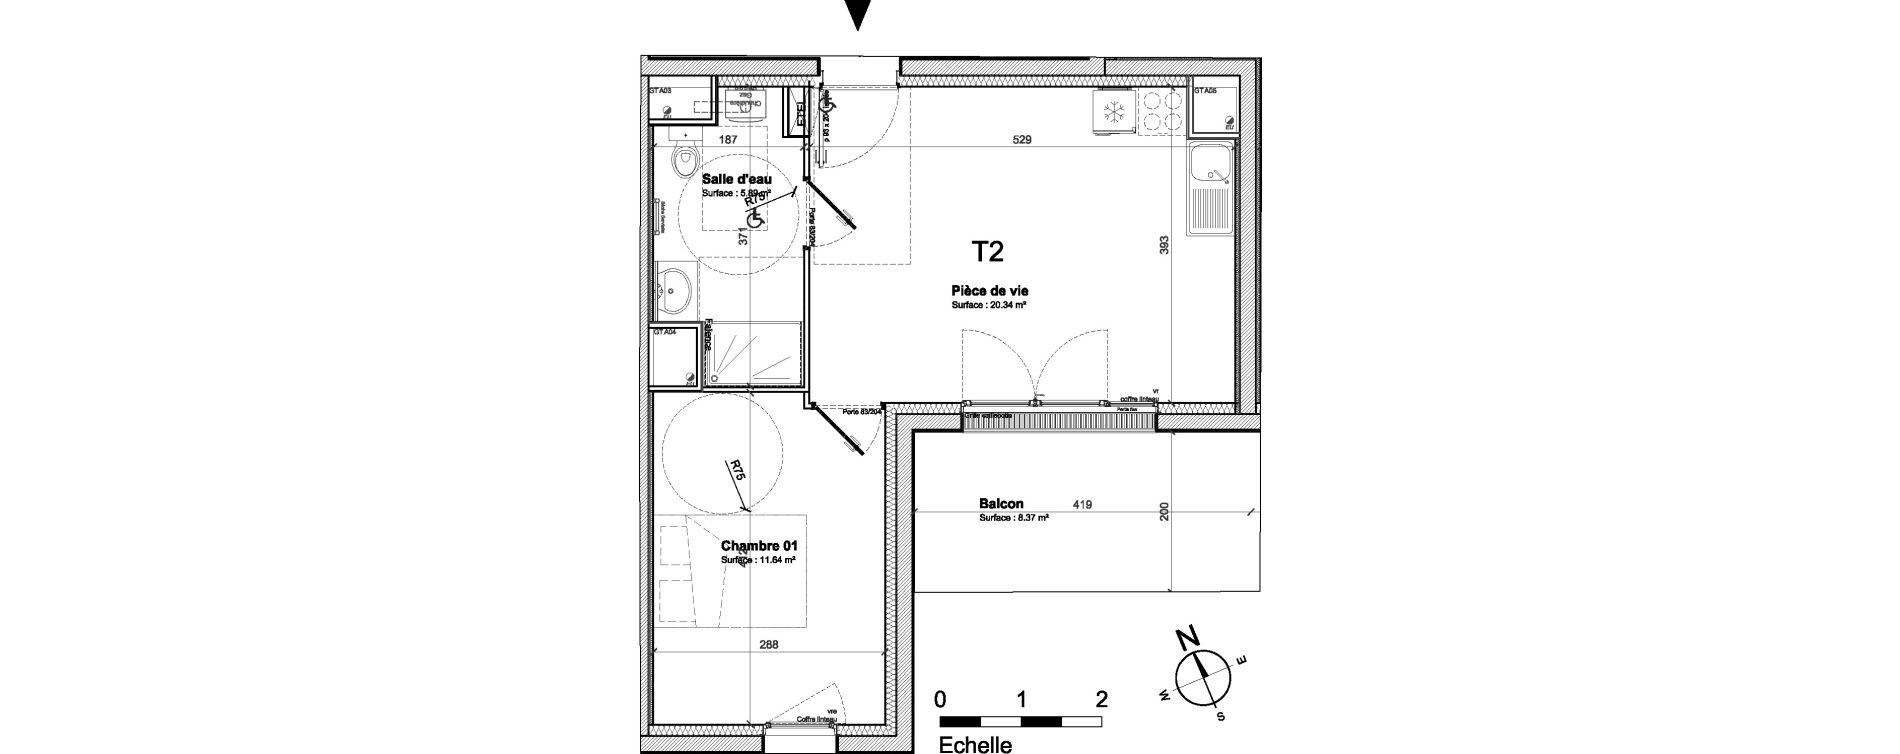 Appartement T2 de 37,88 m2 à Saint-Nazaire Saint marc sur mer